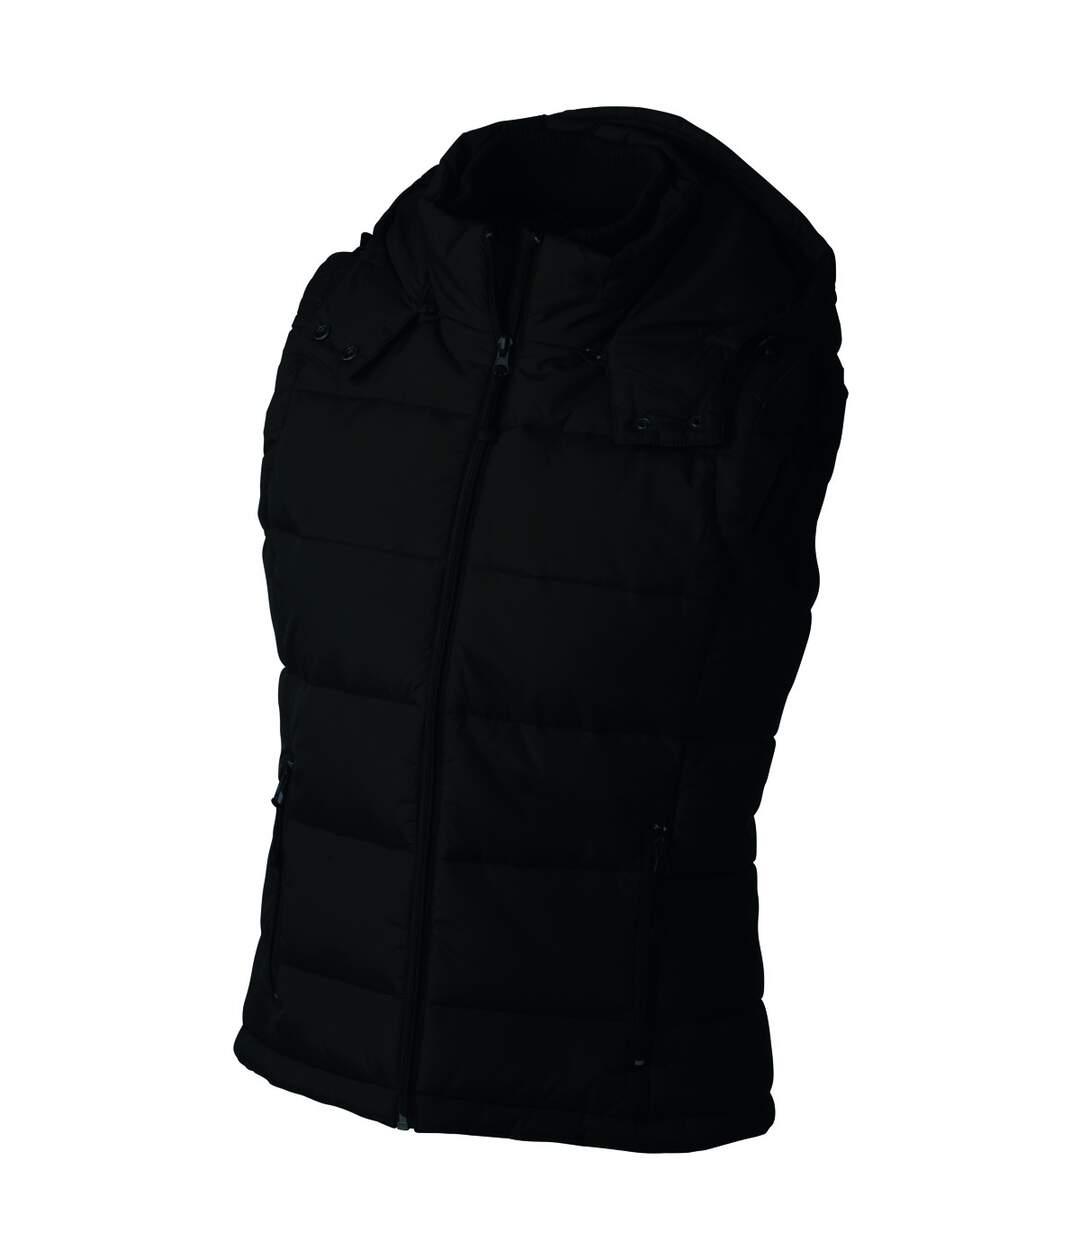 Doudoune femme sans manches capuche amovible - JN1005 - noir